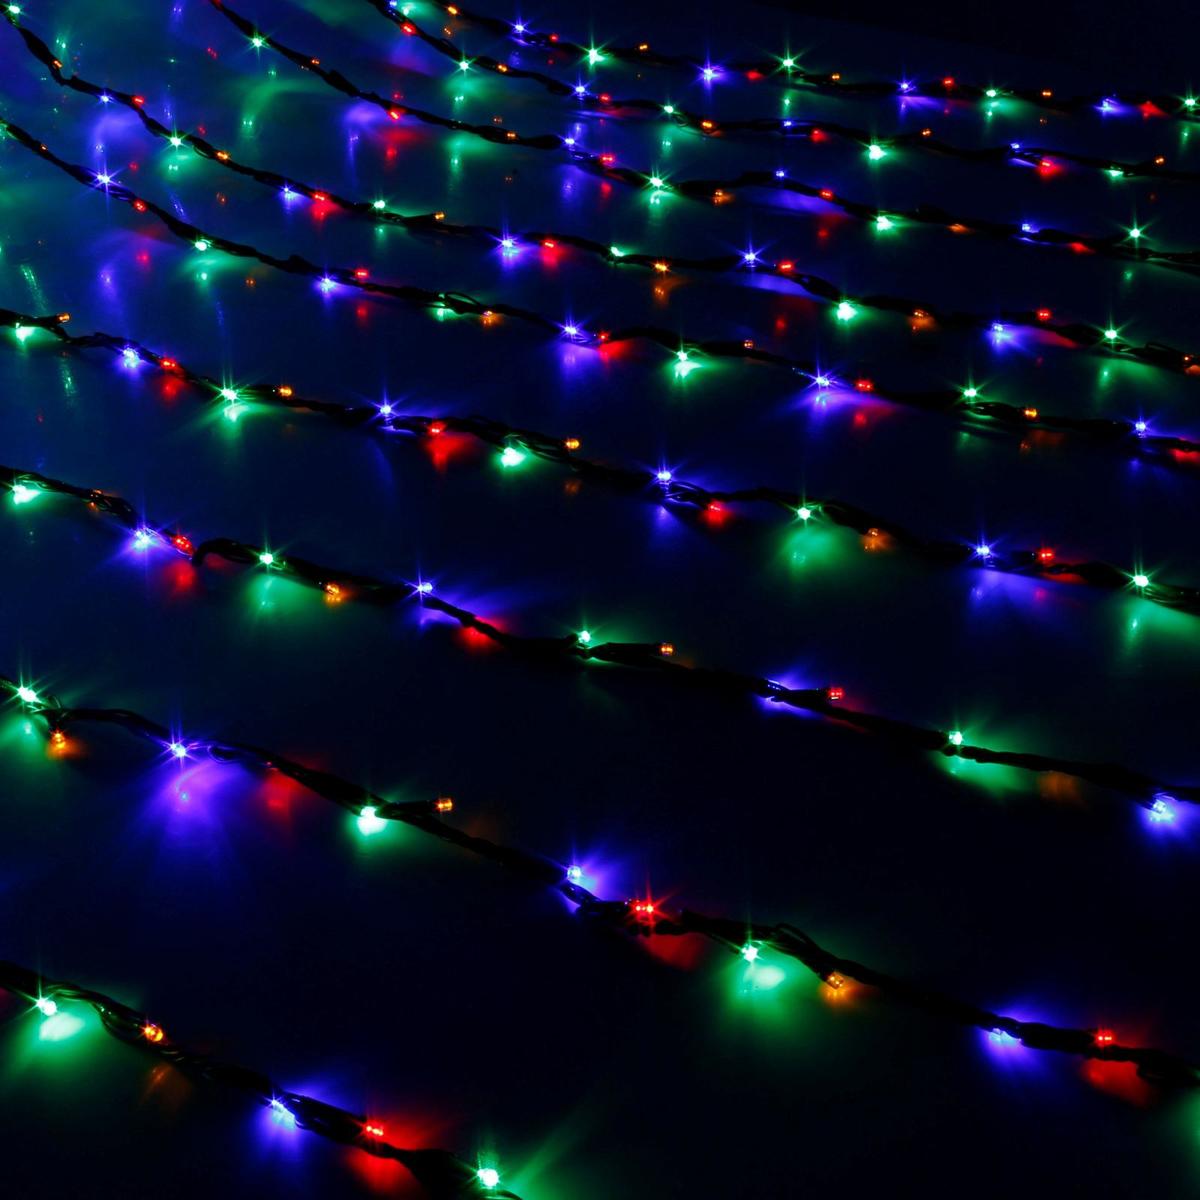 Гирлянда светодиодная Luazon Дождь, цвет: мультиколор, 400 ламп, 8 режимов, 220 V, 2 х 1,5 м. 671637671637Светодиодные гирлянды и ленты — это отличный вариант для новогоднего оформления интерьера или фасада. С их помощью помещение любого размера можно превратить в праздничный зал, а внешние элементы зданий, украшенные ими, мгновенно станут напоминать очертания сказочного дворца. Такие украшения создают ауру предвкушения чуда. Деревья, фасады, витрины, окна и арки будто специально созданы, чтобы вы украсили их светящимися нитями.